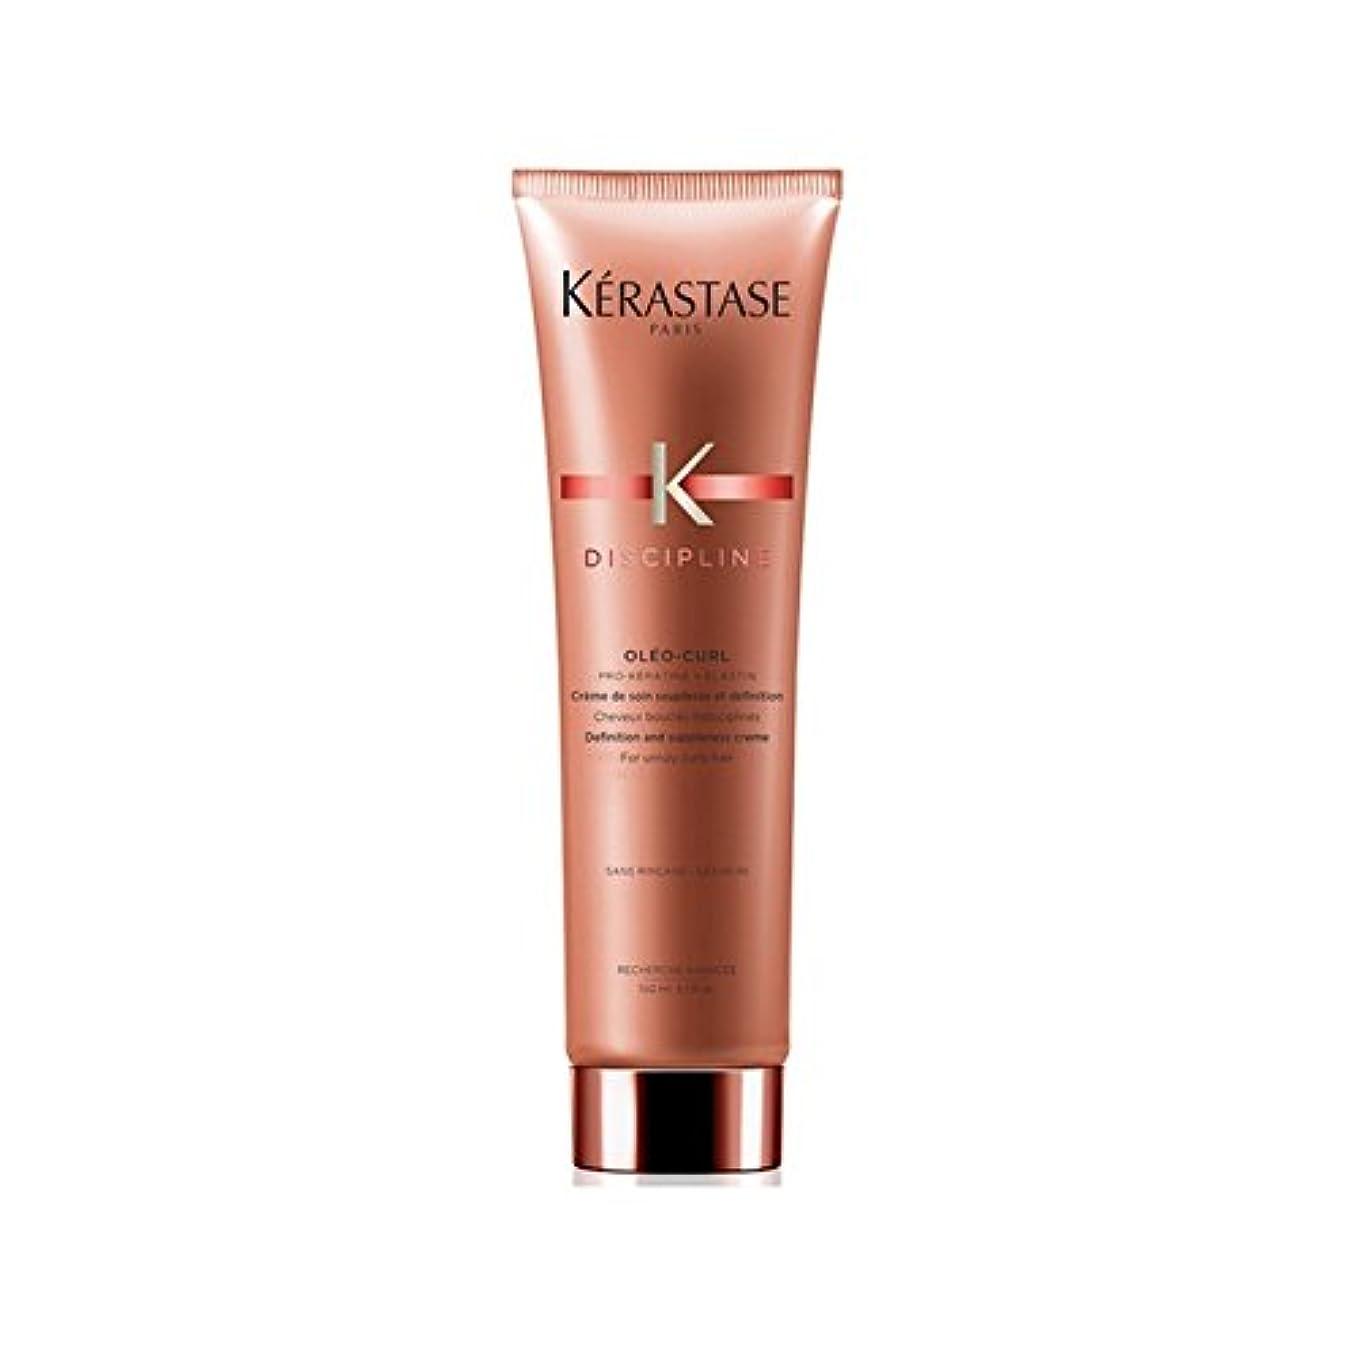 脳鷲しゃがむ理想的なクレンジングコンディショナー400ミリリットルカールケラスターゼの規律 x4 - K?rastase Discipline Curl Ideal Cleansing Conditioner 400ml (Pack...